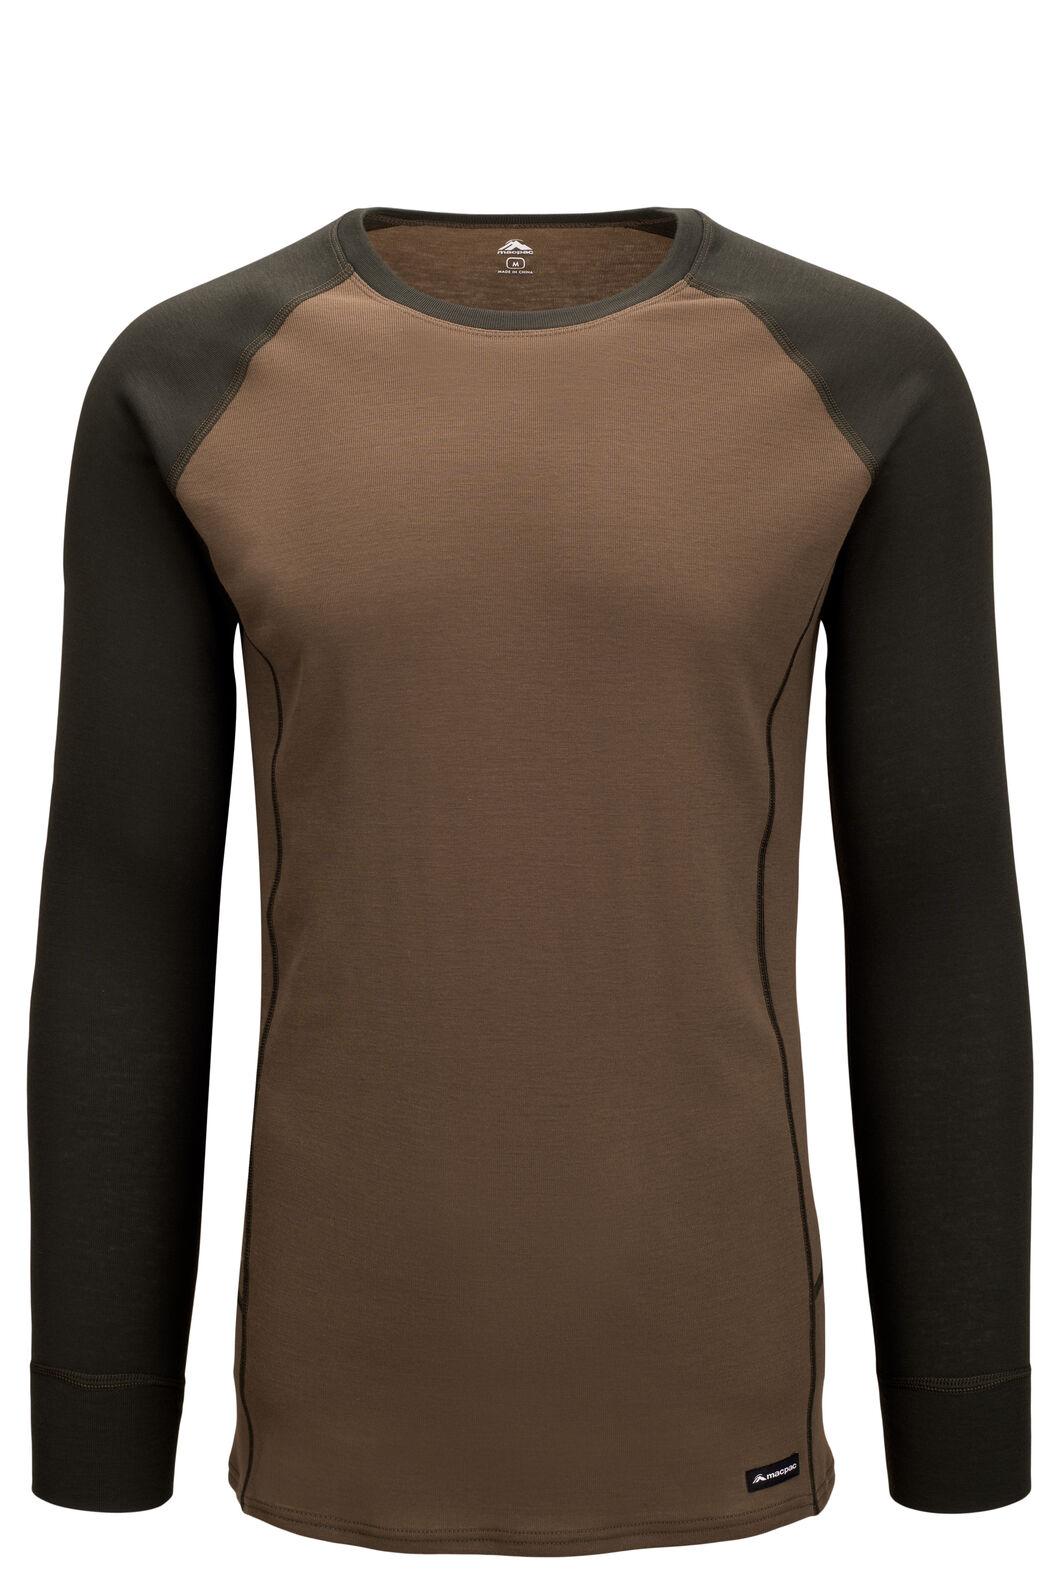 Macpac Men's Geothermal Long Sleeve Top, Rosin/Tarmac, hi-res